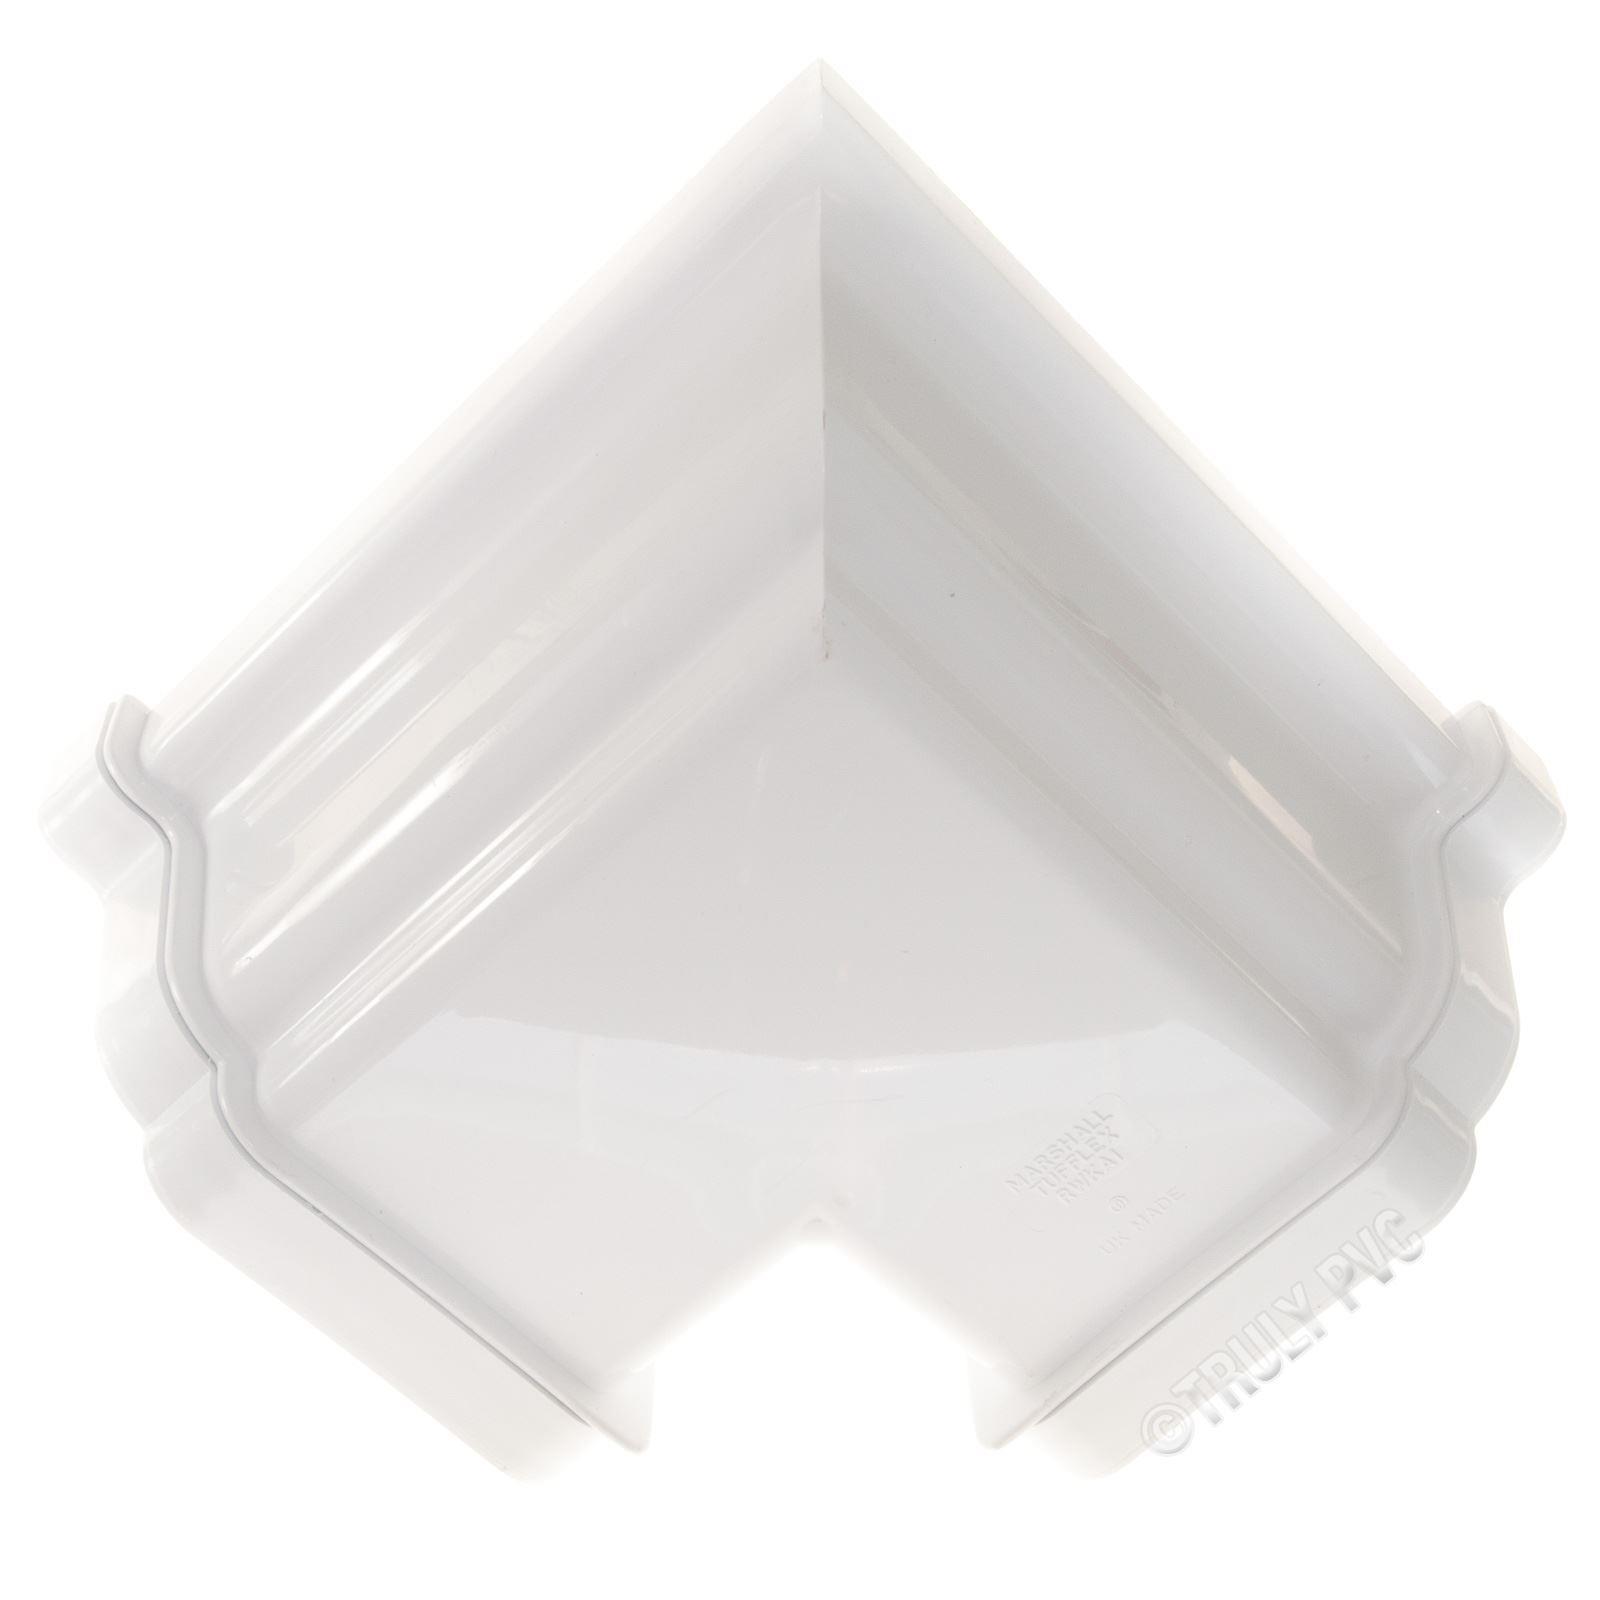 Marshall Tufflex Rwka1 90 176 External Gutter Corner Joint